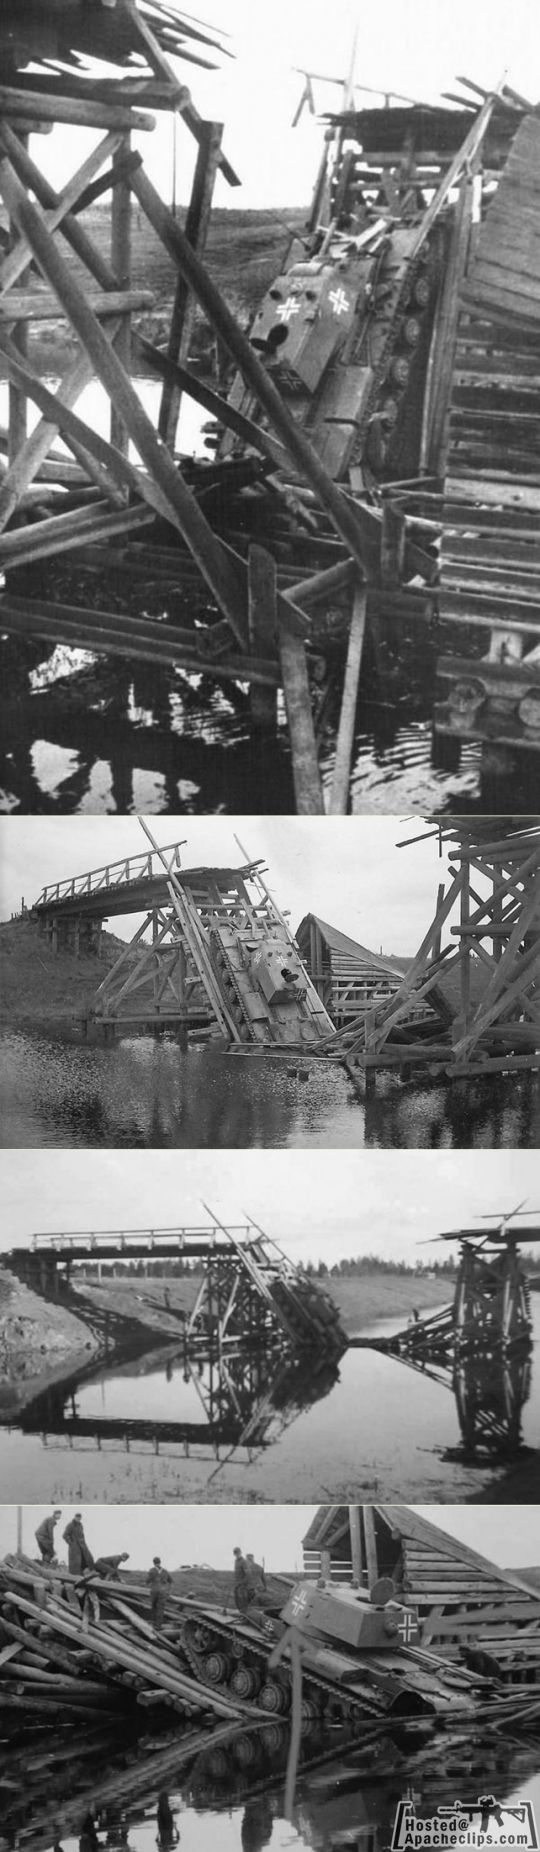 German captured KV-1 fails to cross wooden bridge